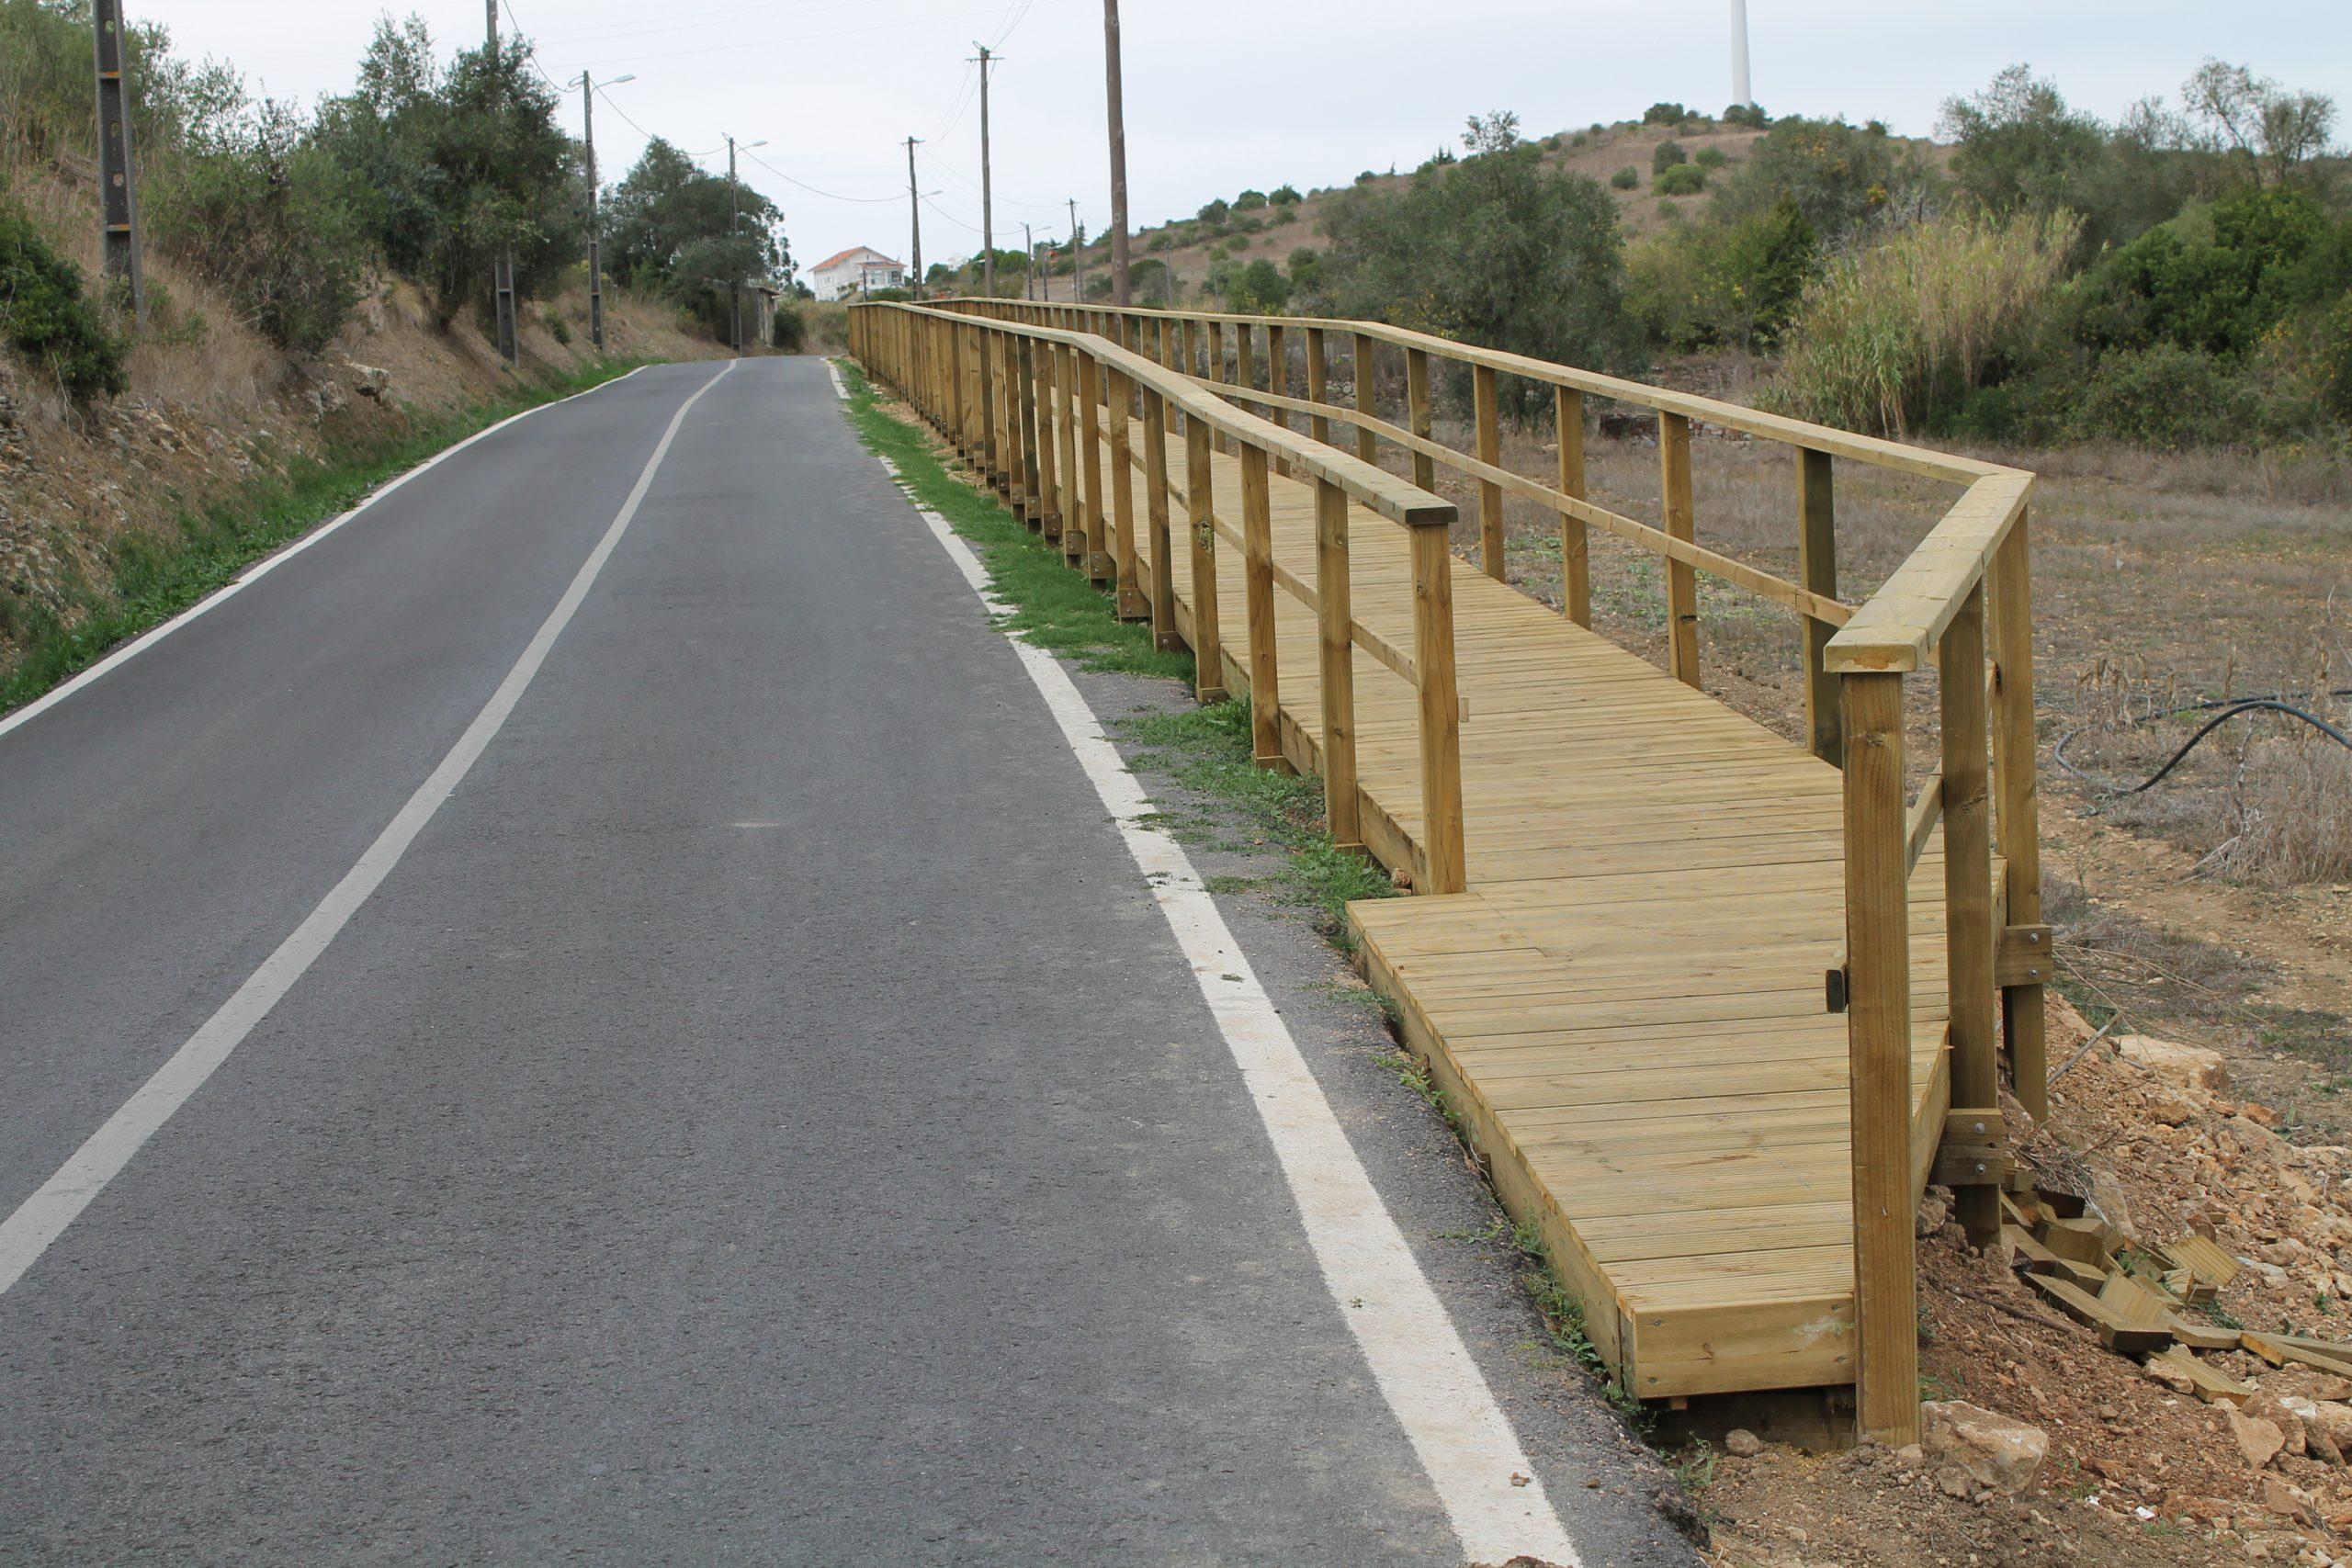 Fanhões (f) – Passadiço Av. Catarina Eufémia – Concluído em madeira um troço inicial de 120 metros, seguindo-se as próximas fases com materiais inertes!